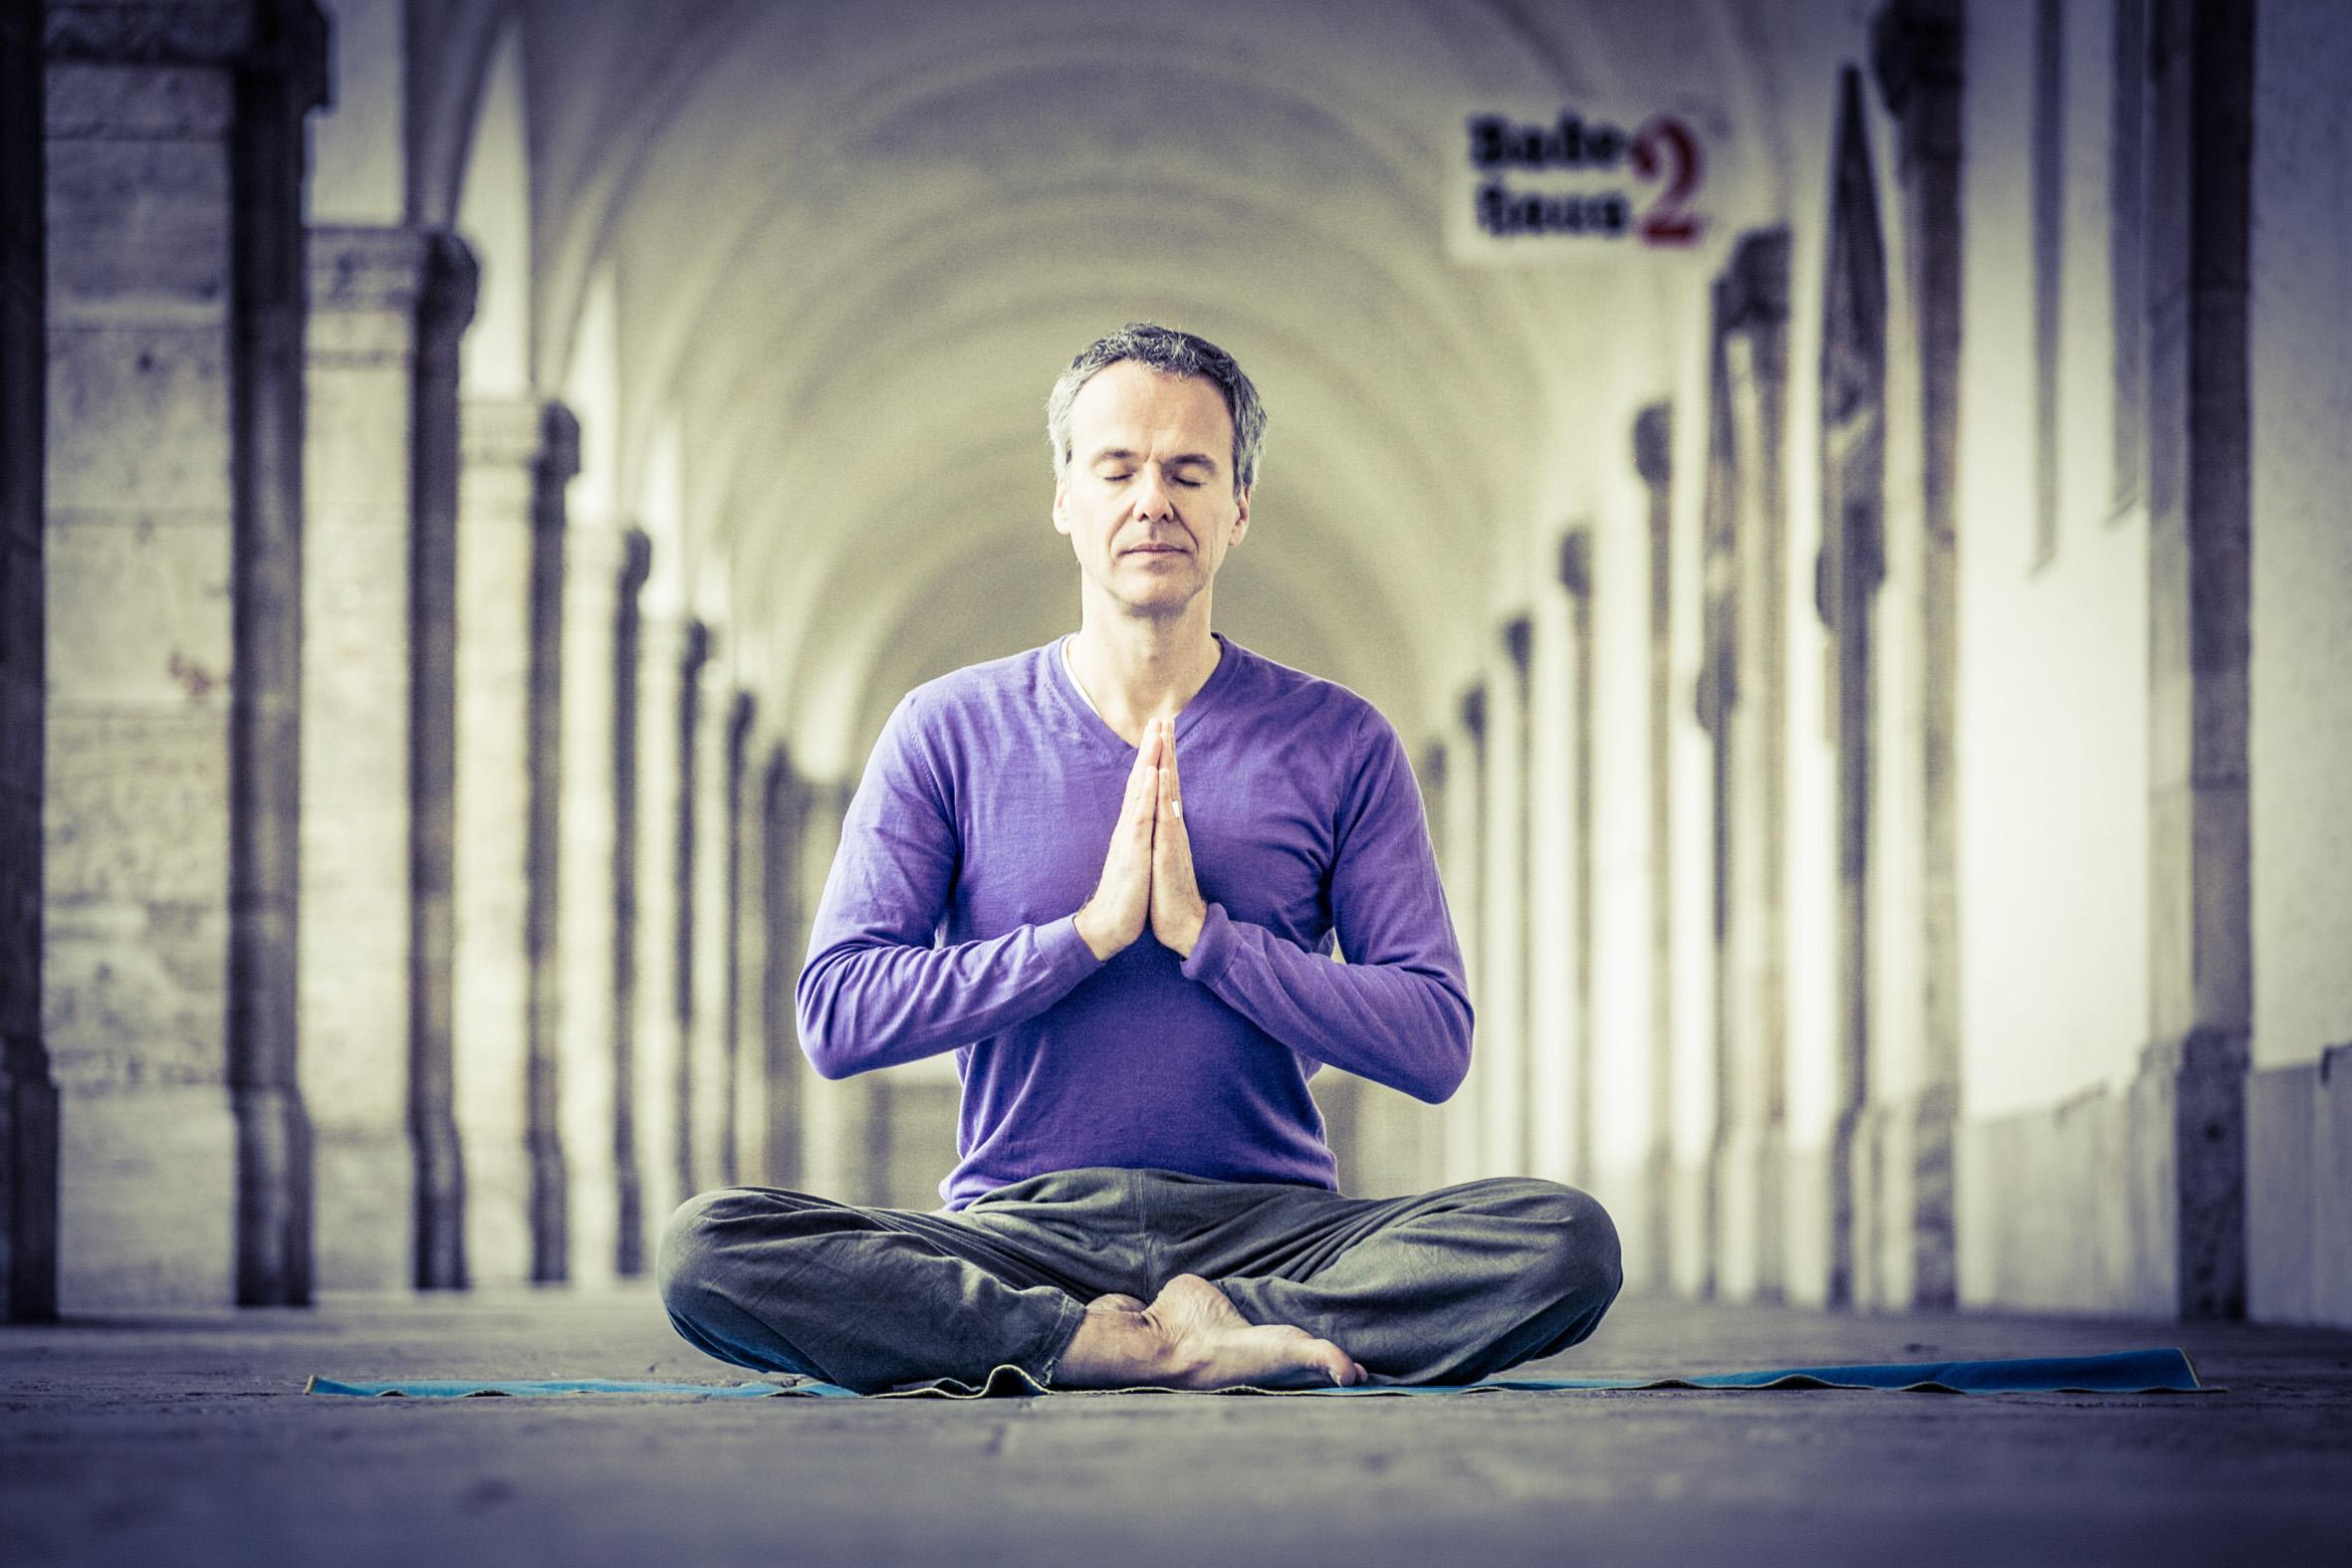 Stefan Geisse Stress Auszeit Kloster Anti Stress Urlaub Erholung